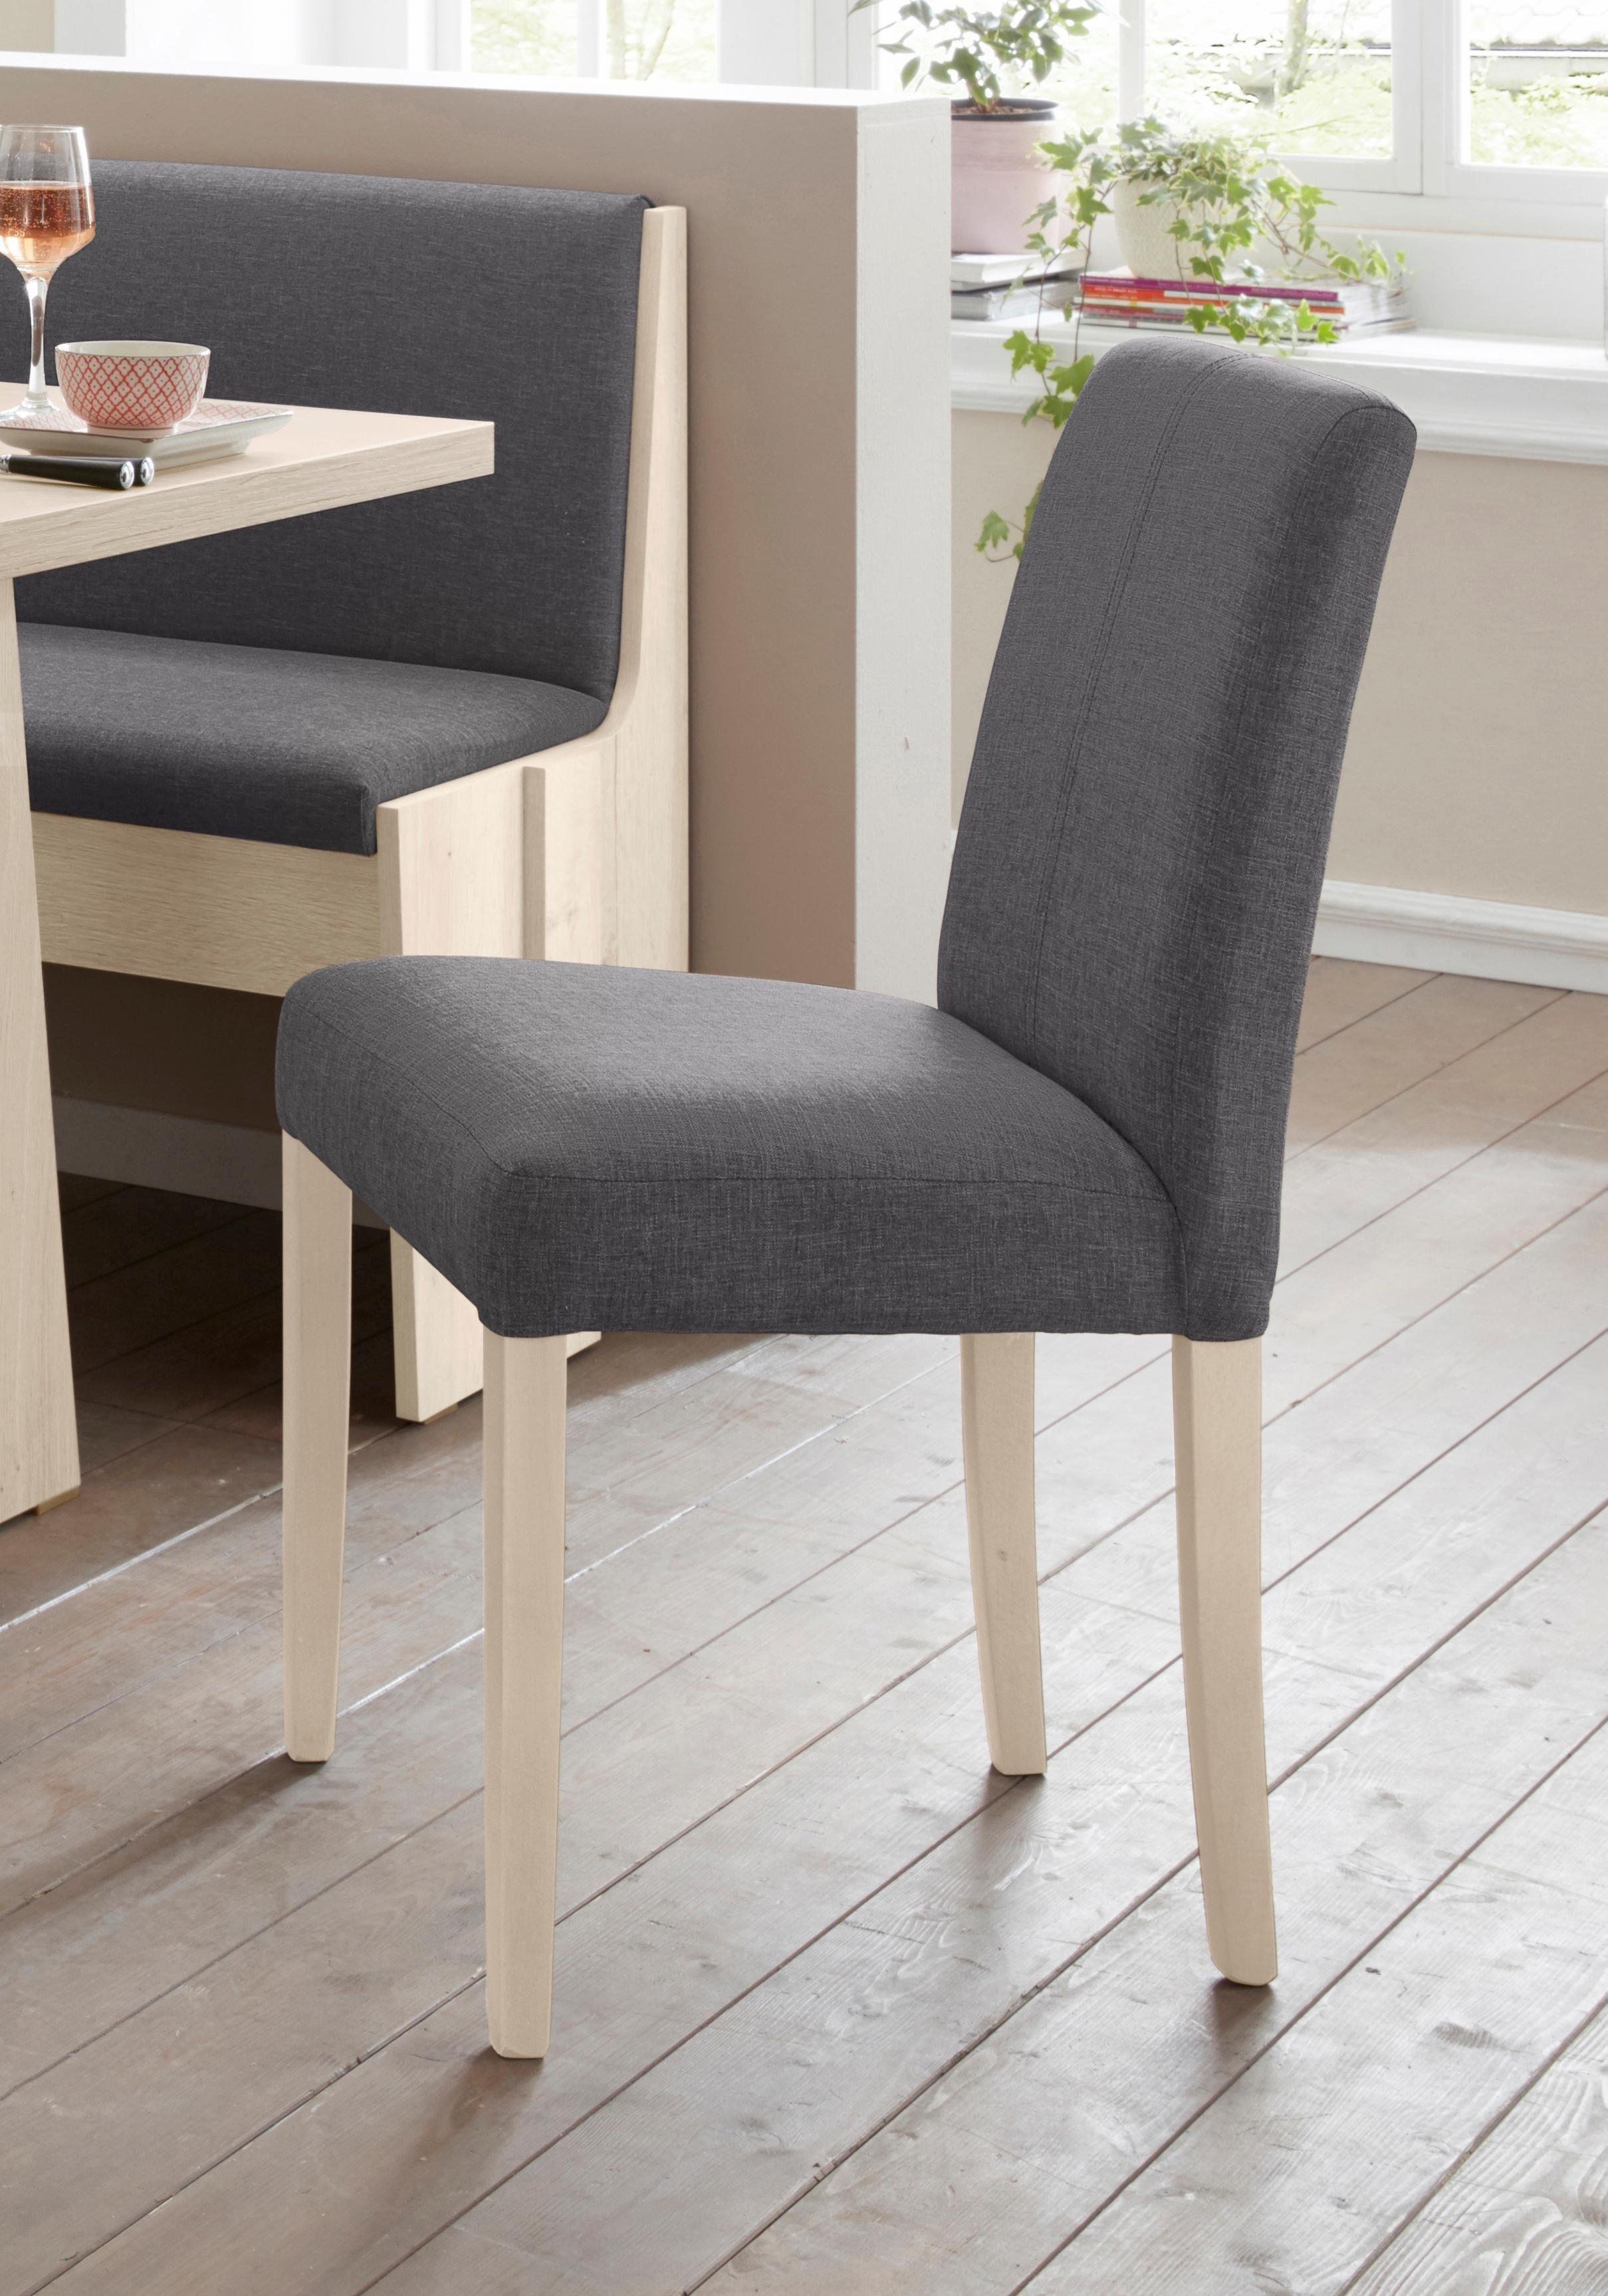 Polsterstuhl »Hanau« (2 Stück)   Küche und Esszimmer > Stühle und Hocker > Polsterstühle   Holz